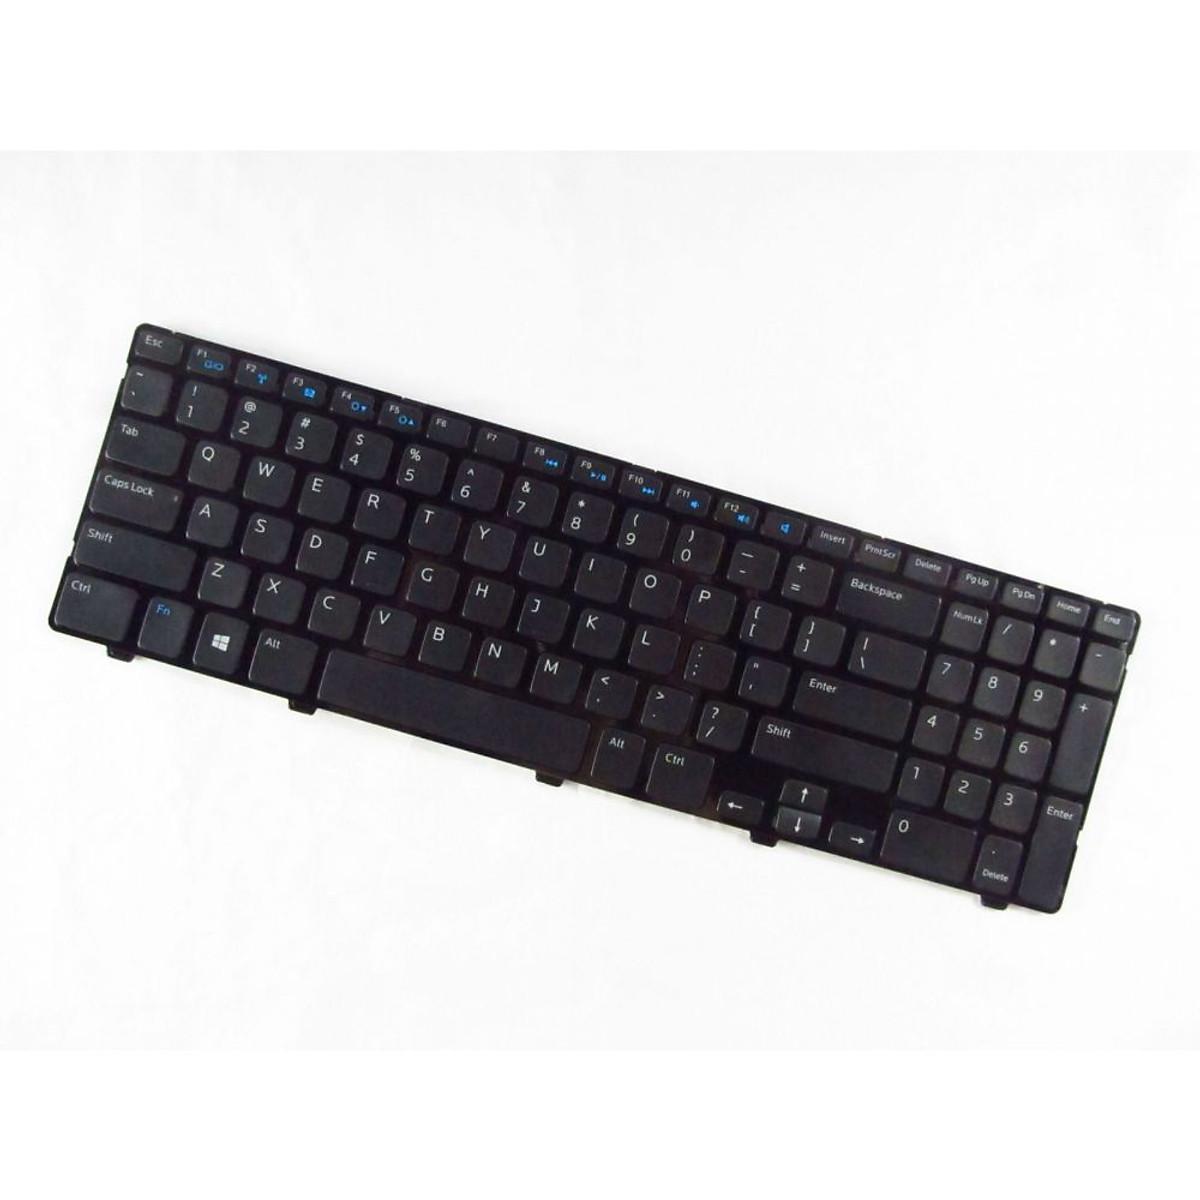 Bàn phím thay thế dành cho laptop Dell Inspiron 15-5521